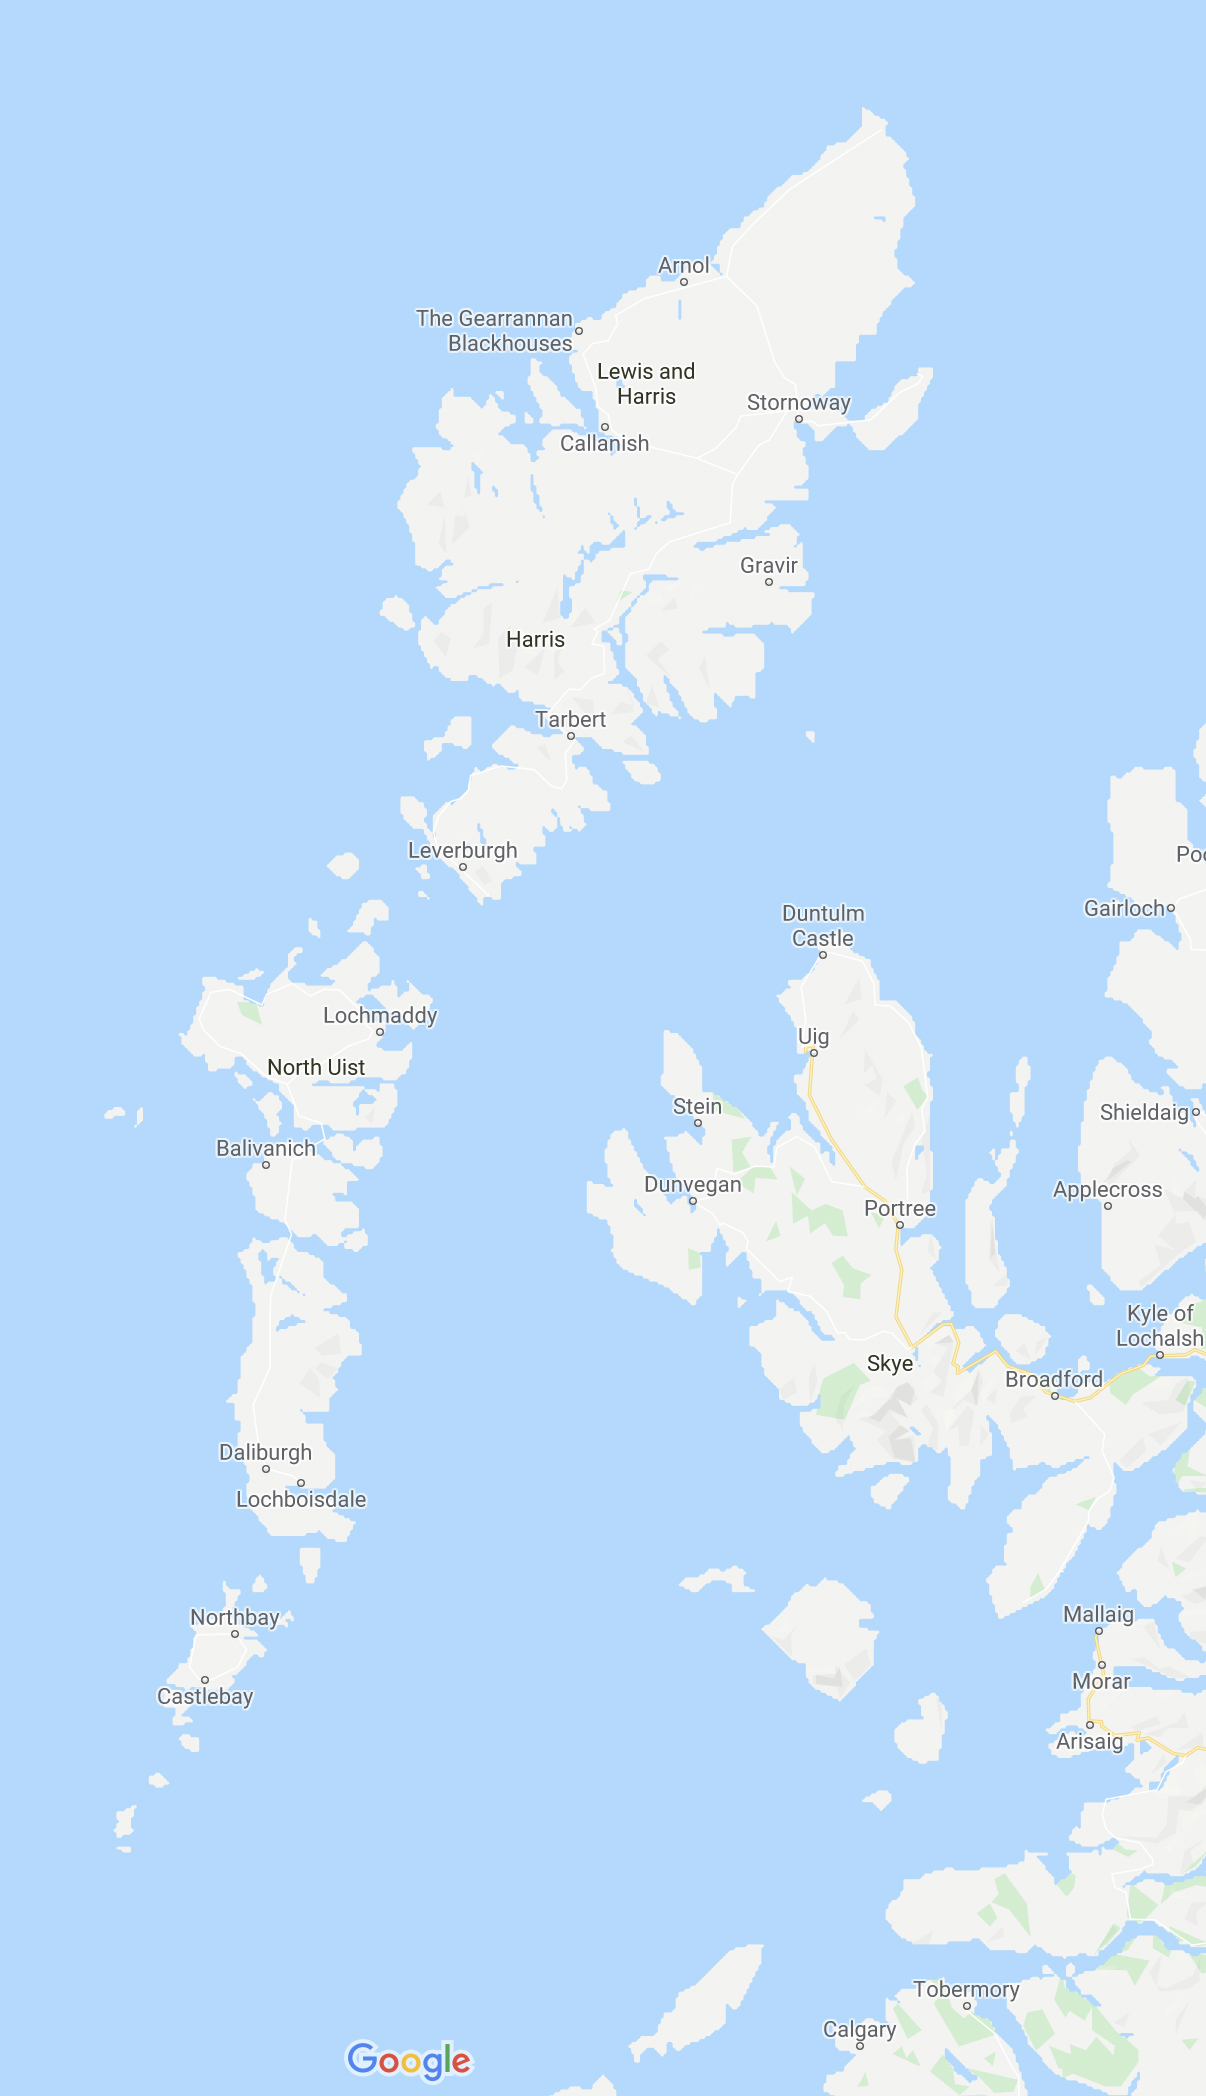 Äußere Hebriden und Skye